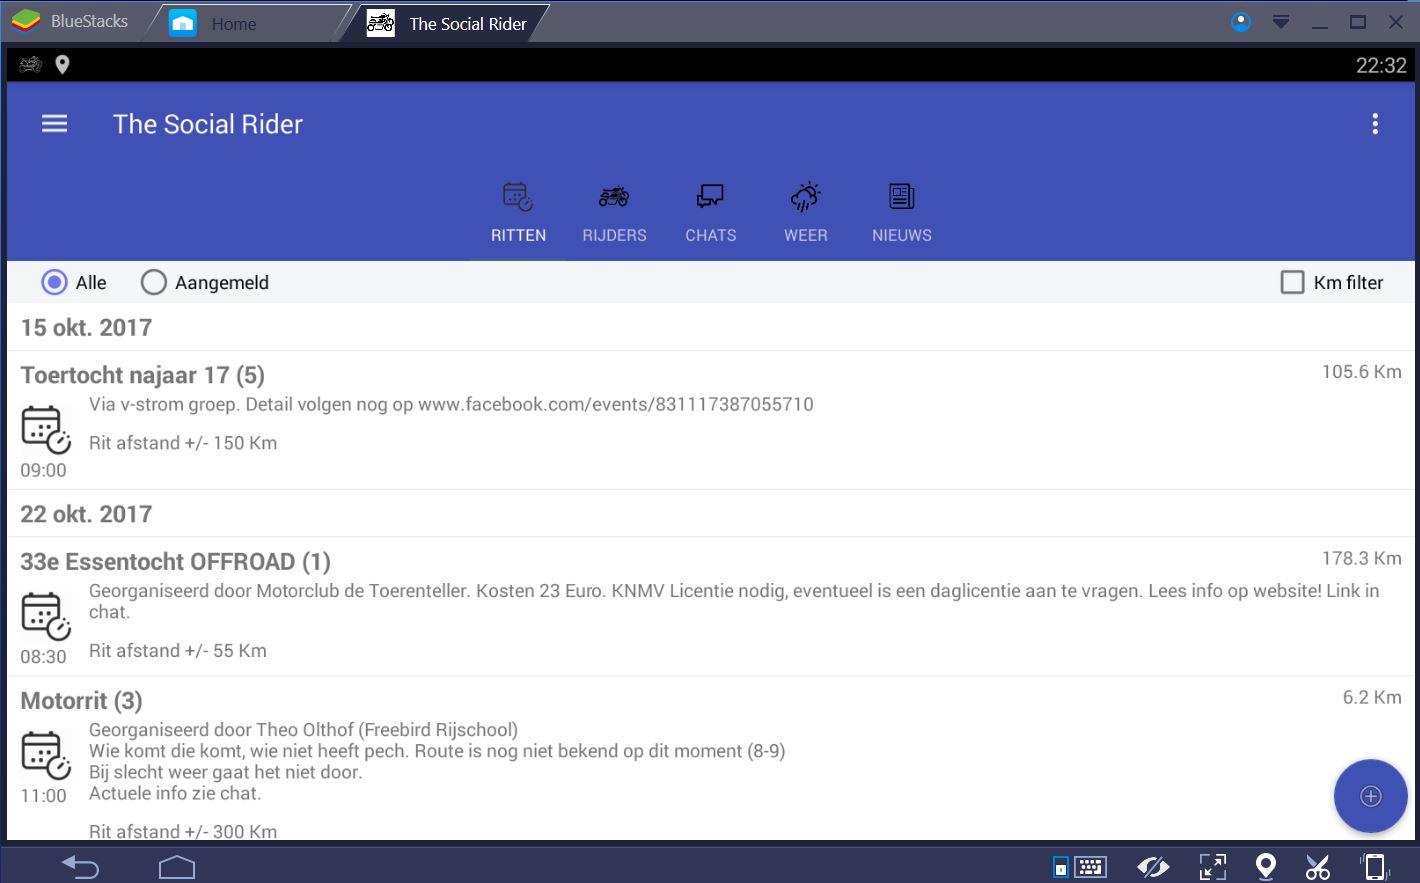 TheSocialRider voor iPhone / IOS en Windows (Phone) gebruikers..